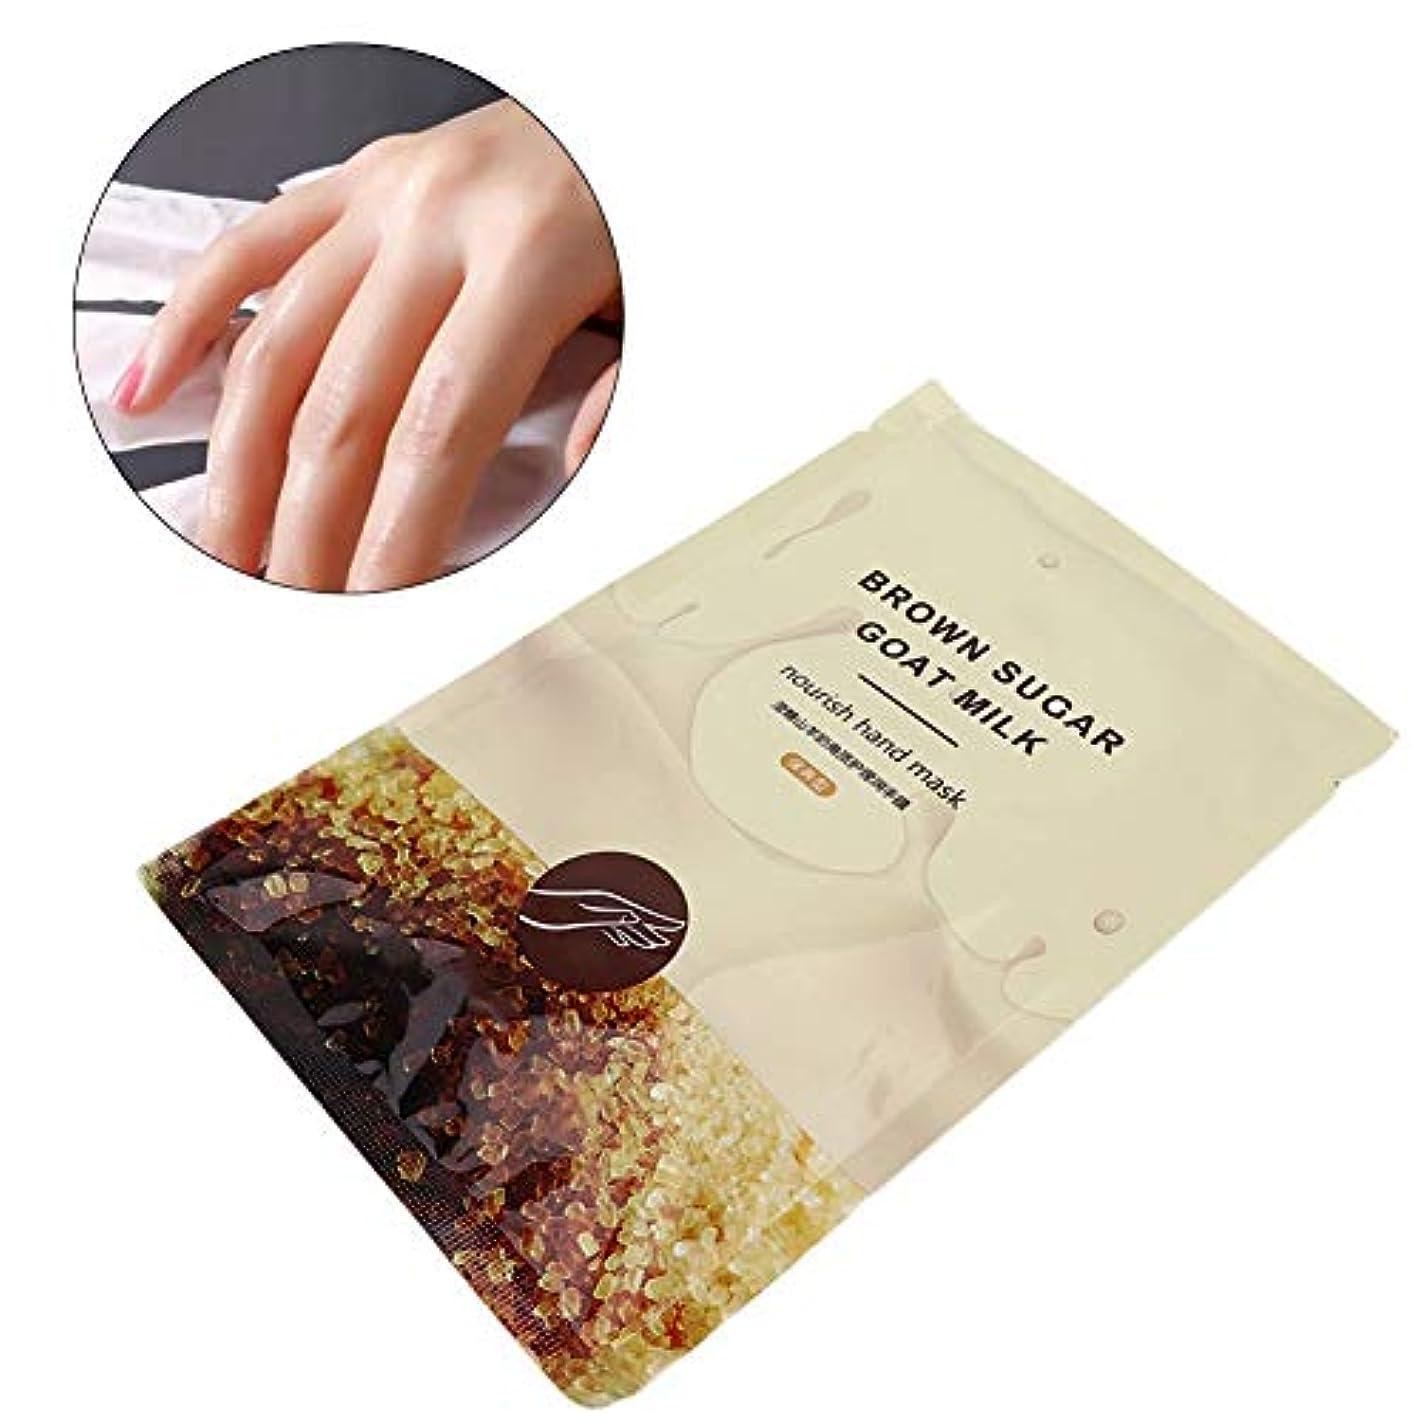 達成する上にポインタNITRIP ハンドマスク ハンドケア ハンドパック 手 角質ケア 保湿 潤い 美白 スキンケア エイジングケア 手荒れ 使用簡単 1ペア